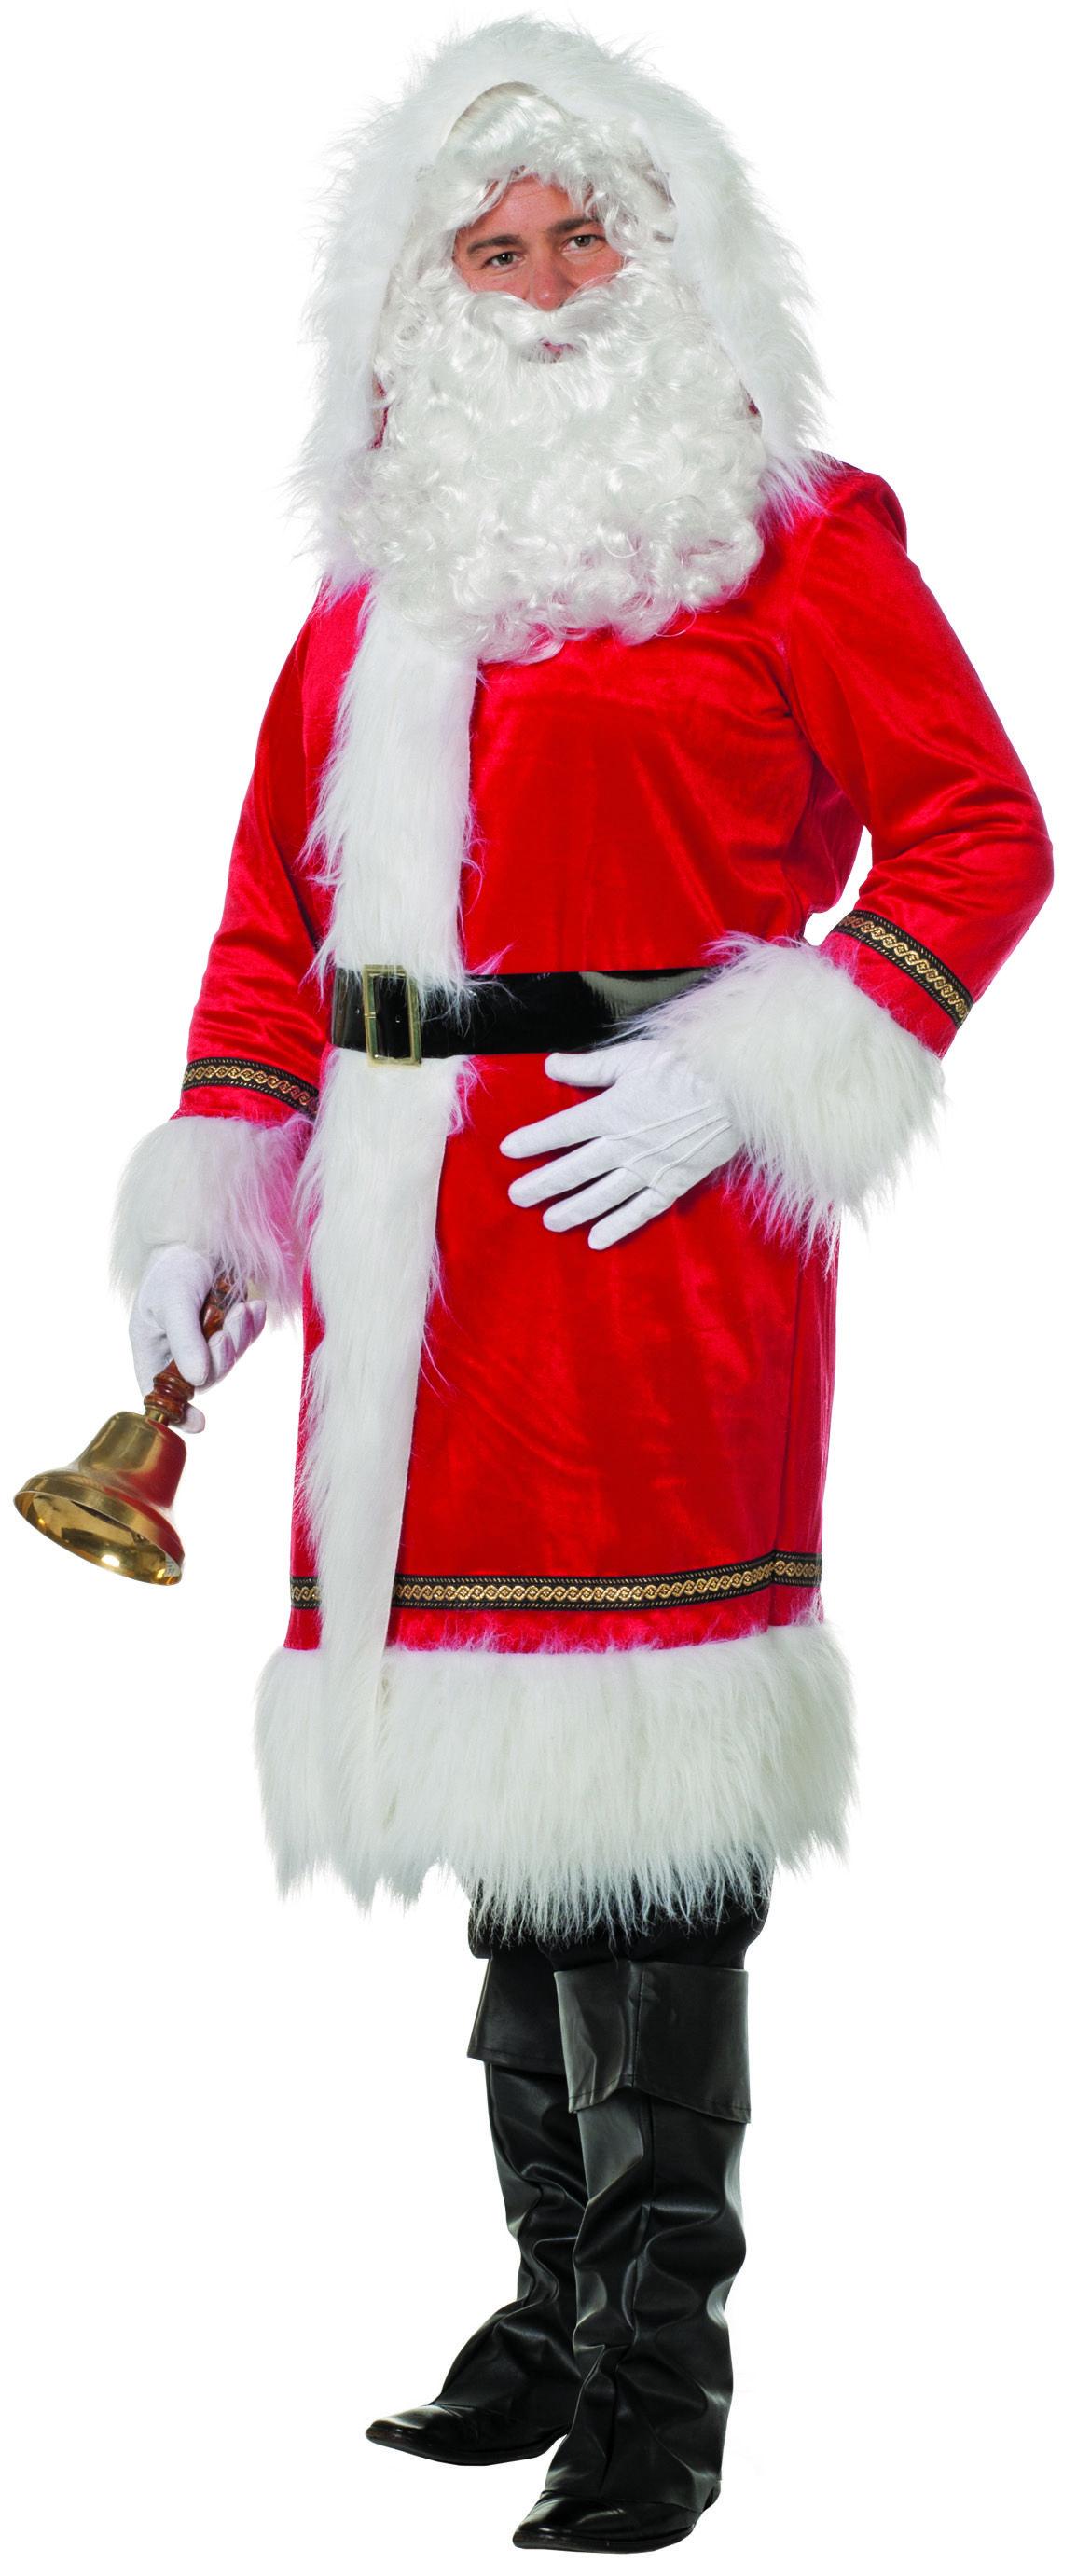 Santa Luxus Mantel Nikolaus Kostüm Weihnachtsmann Gr. 58 3XL groß